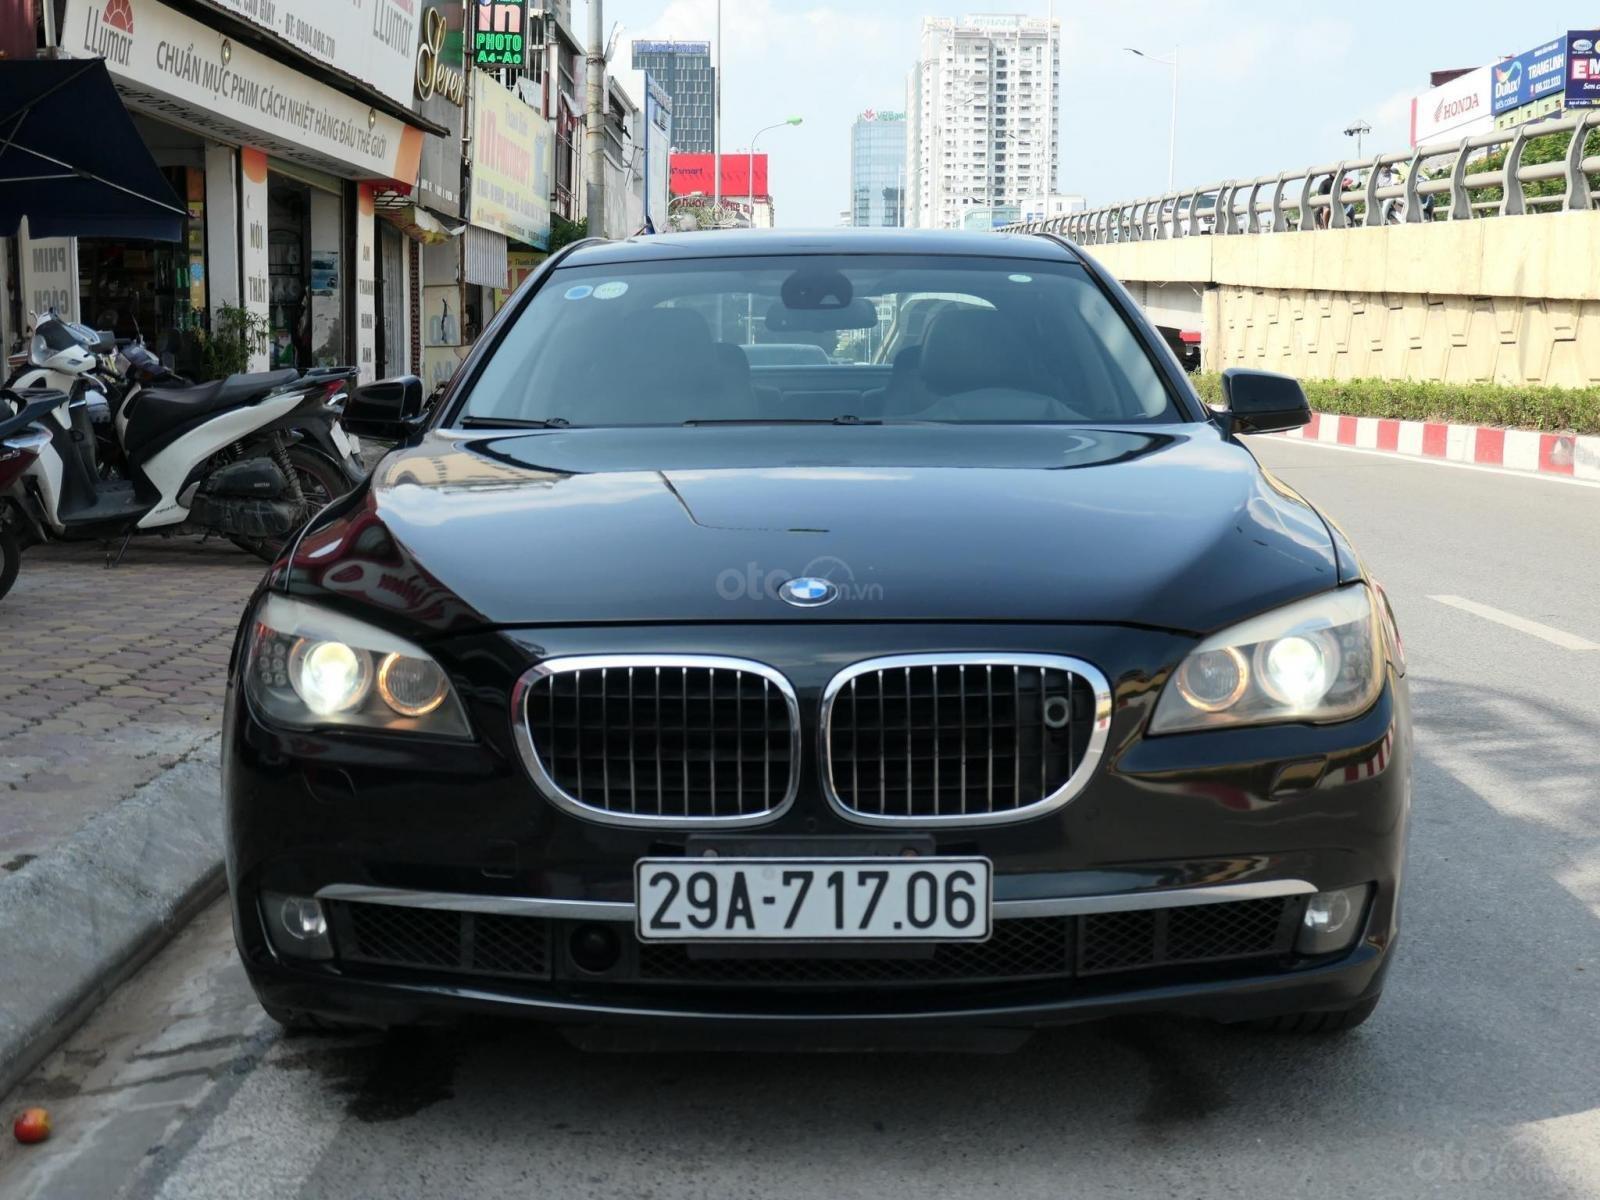 Cần bán BMW 7 Series 2010, màu đen, nhập khẩu, 880 triệu (13)